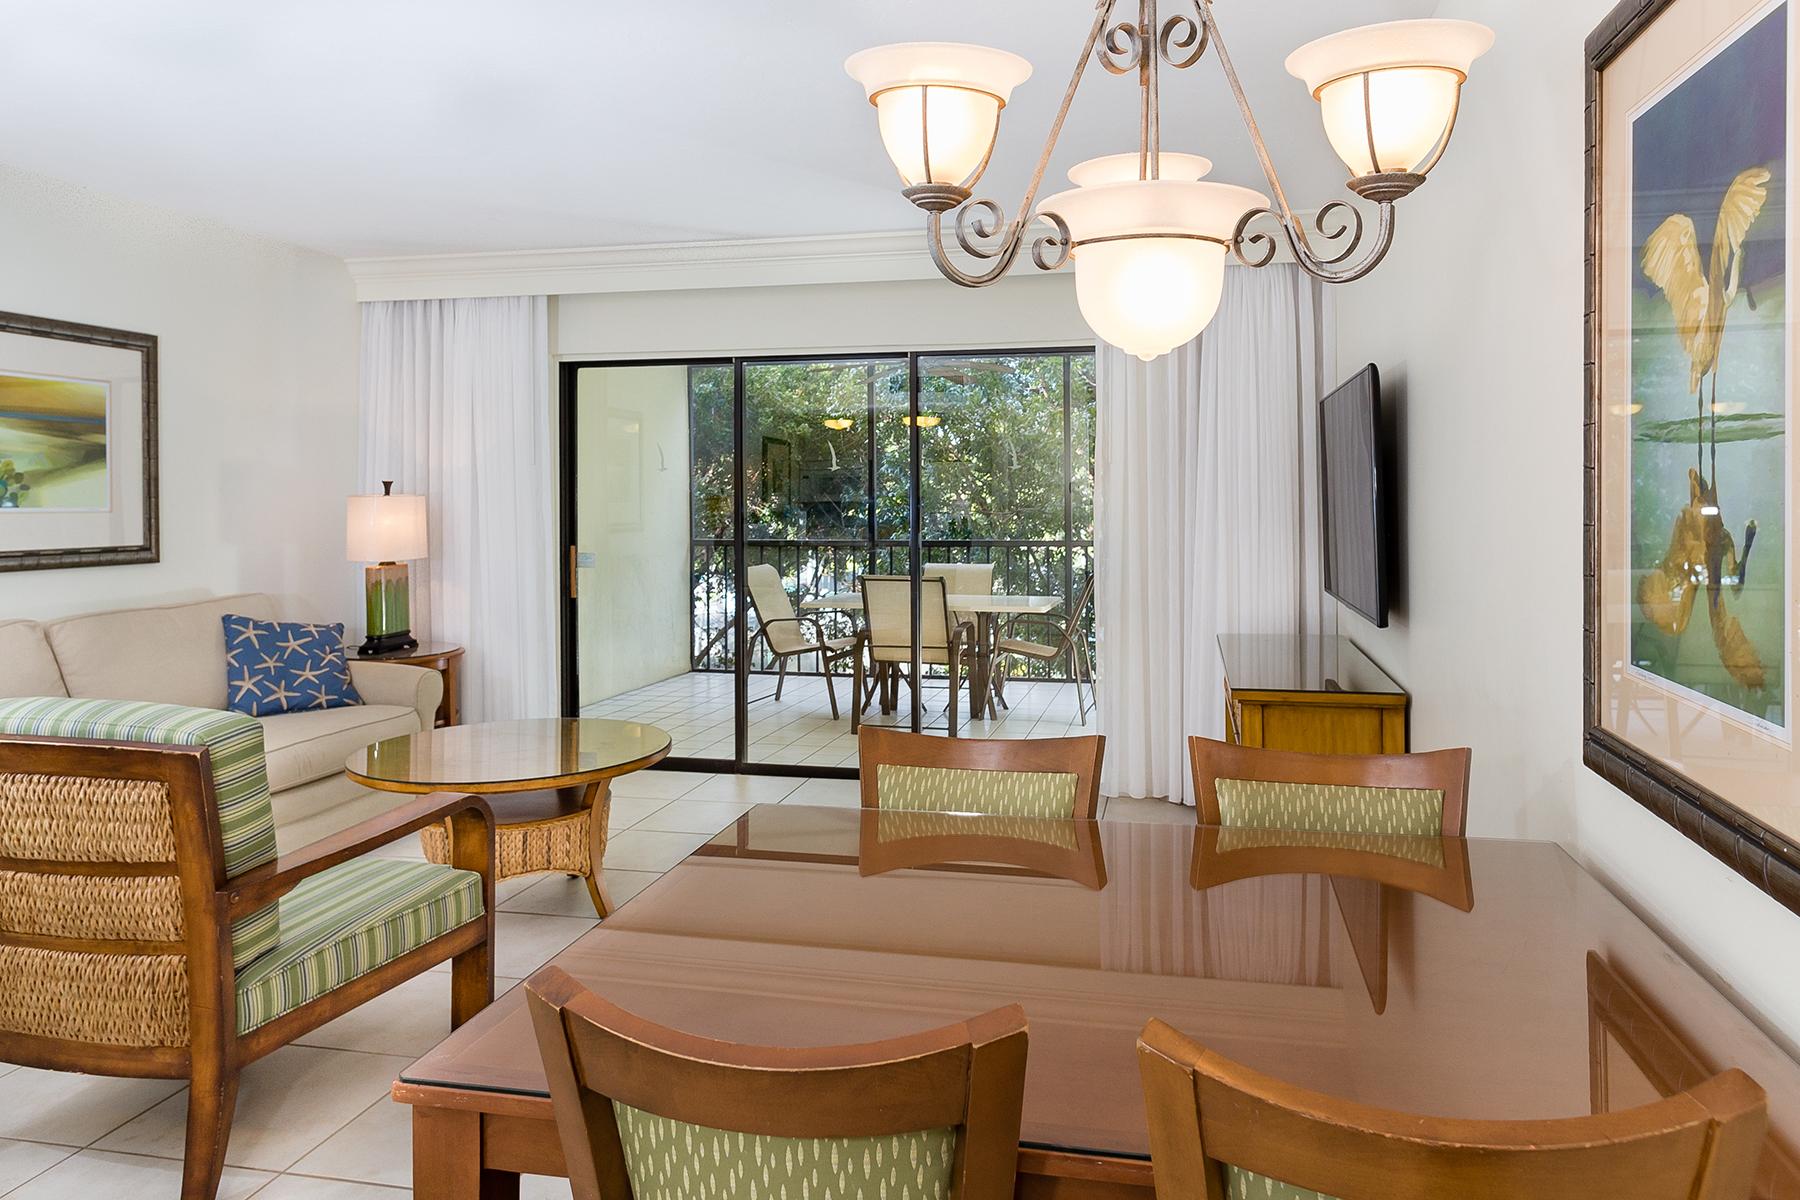 Кондоминиум для того Продажа на CAPTIVA 3125 Tennis Villas Captiva, Флорида, 33924 Соединенные Штаты